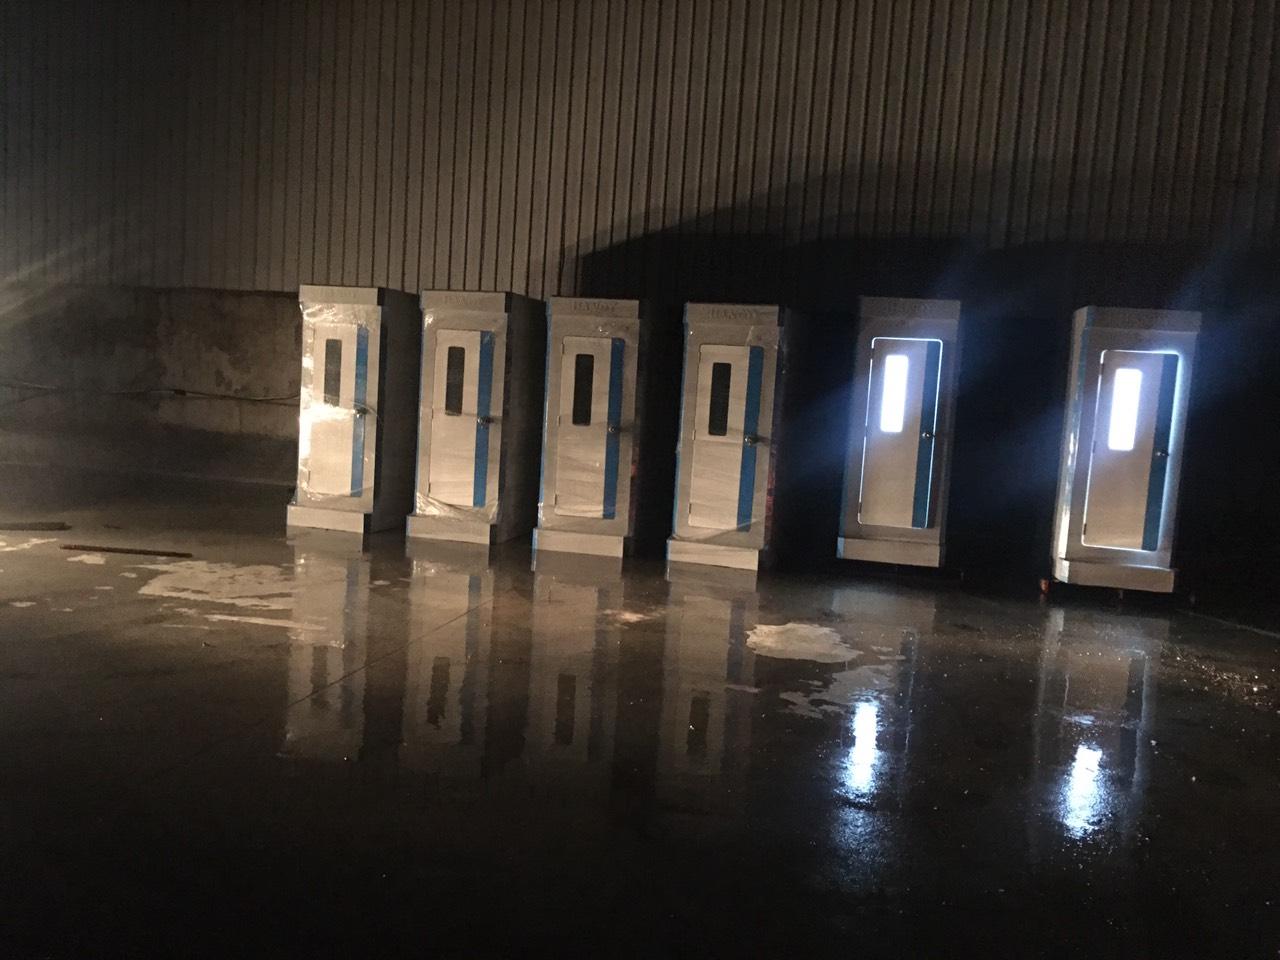 Nhà tắm di động tại khu cách ly trên địa bàn huyện Thuận Thành - Bắc Ninh